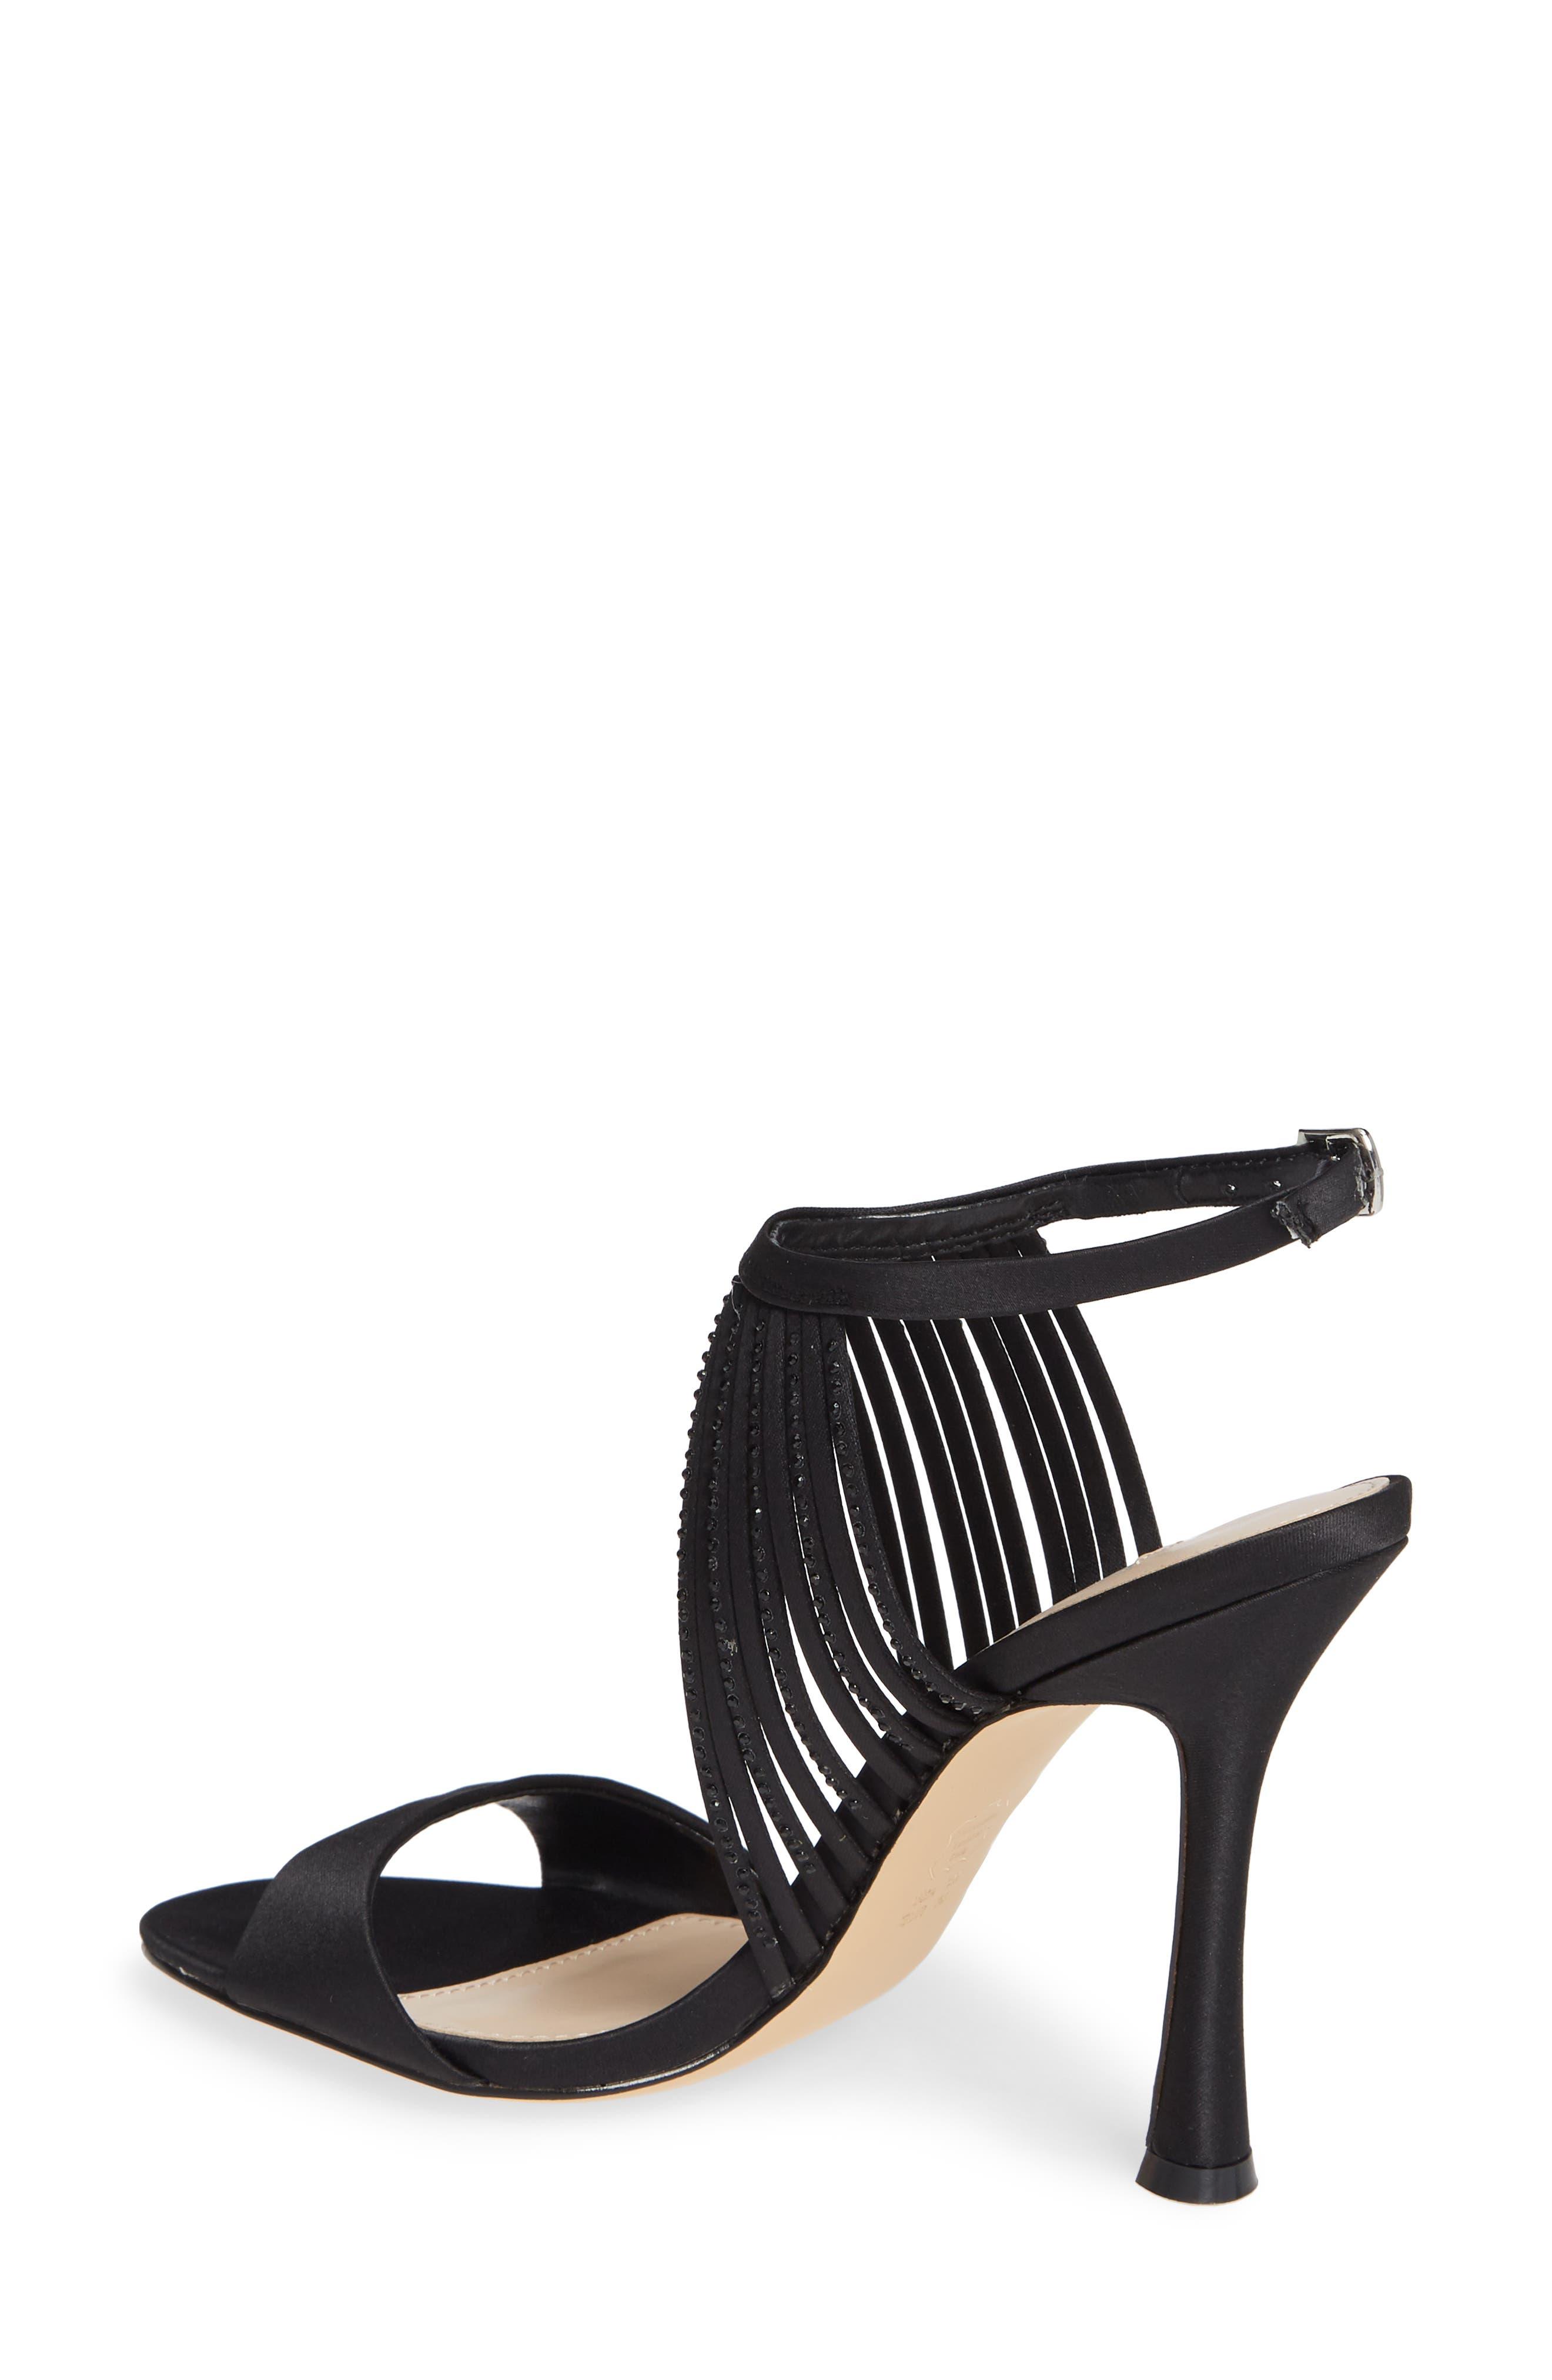 Damaris Crystal Embellished Sandal,                             Alternate thumbnail 2, color,                             BLACK SATIN